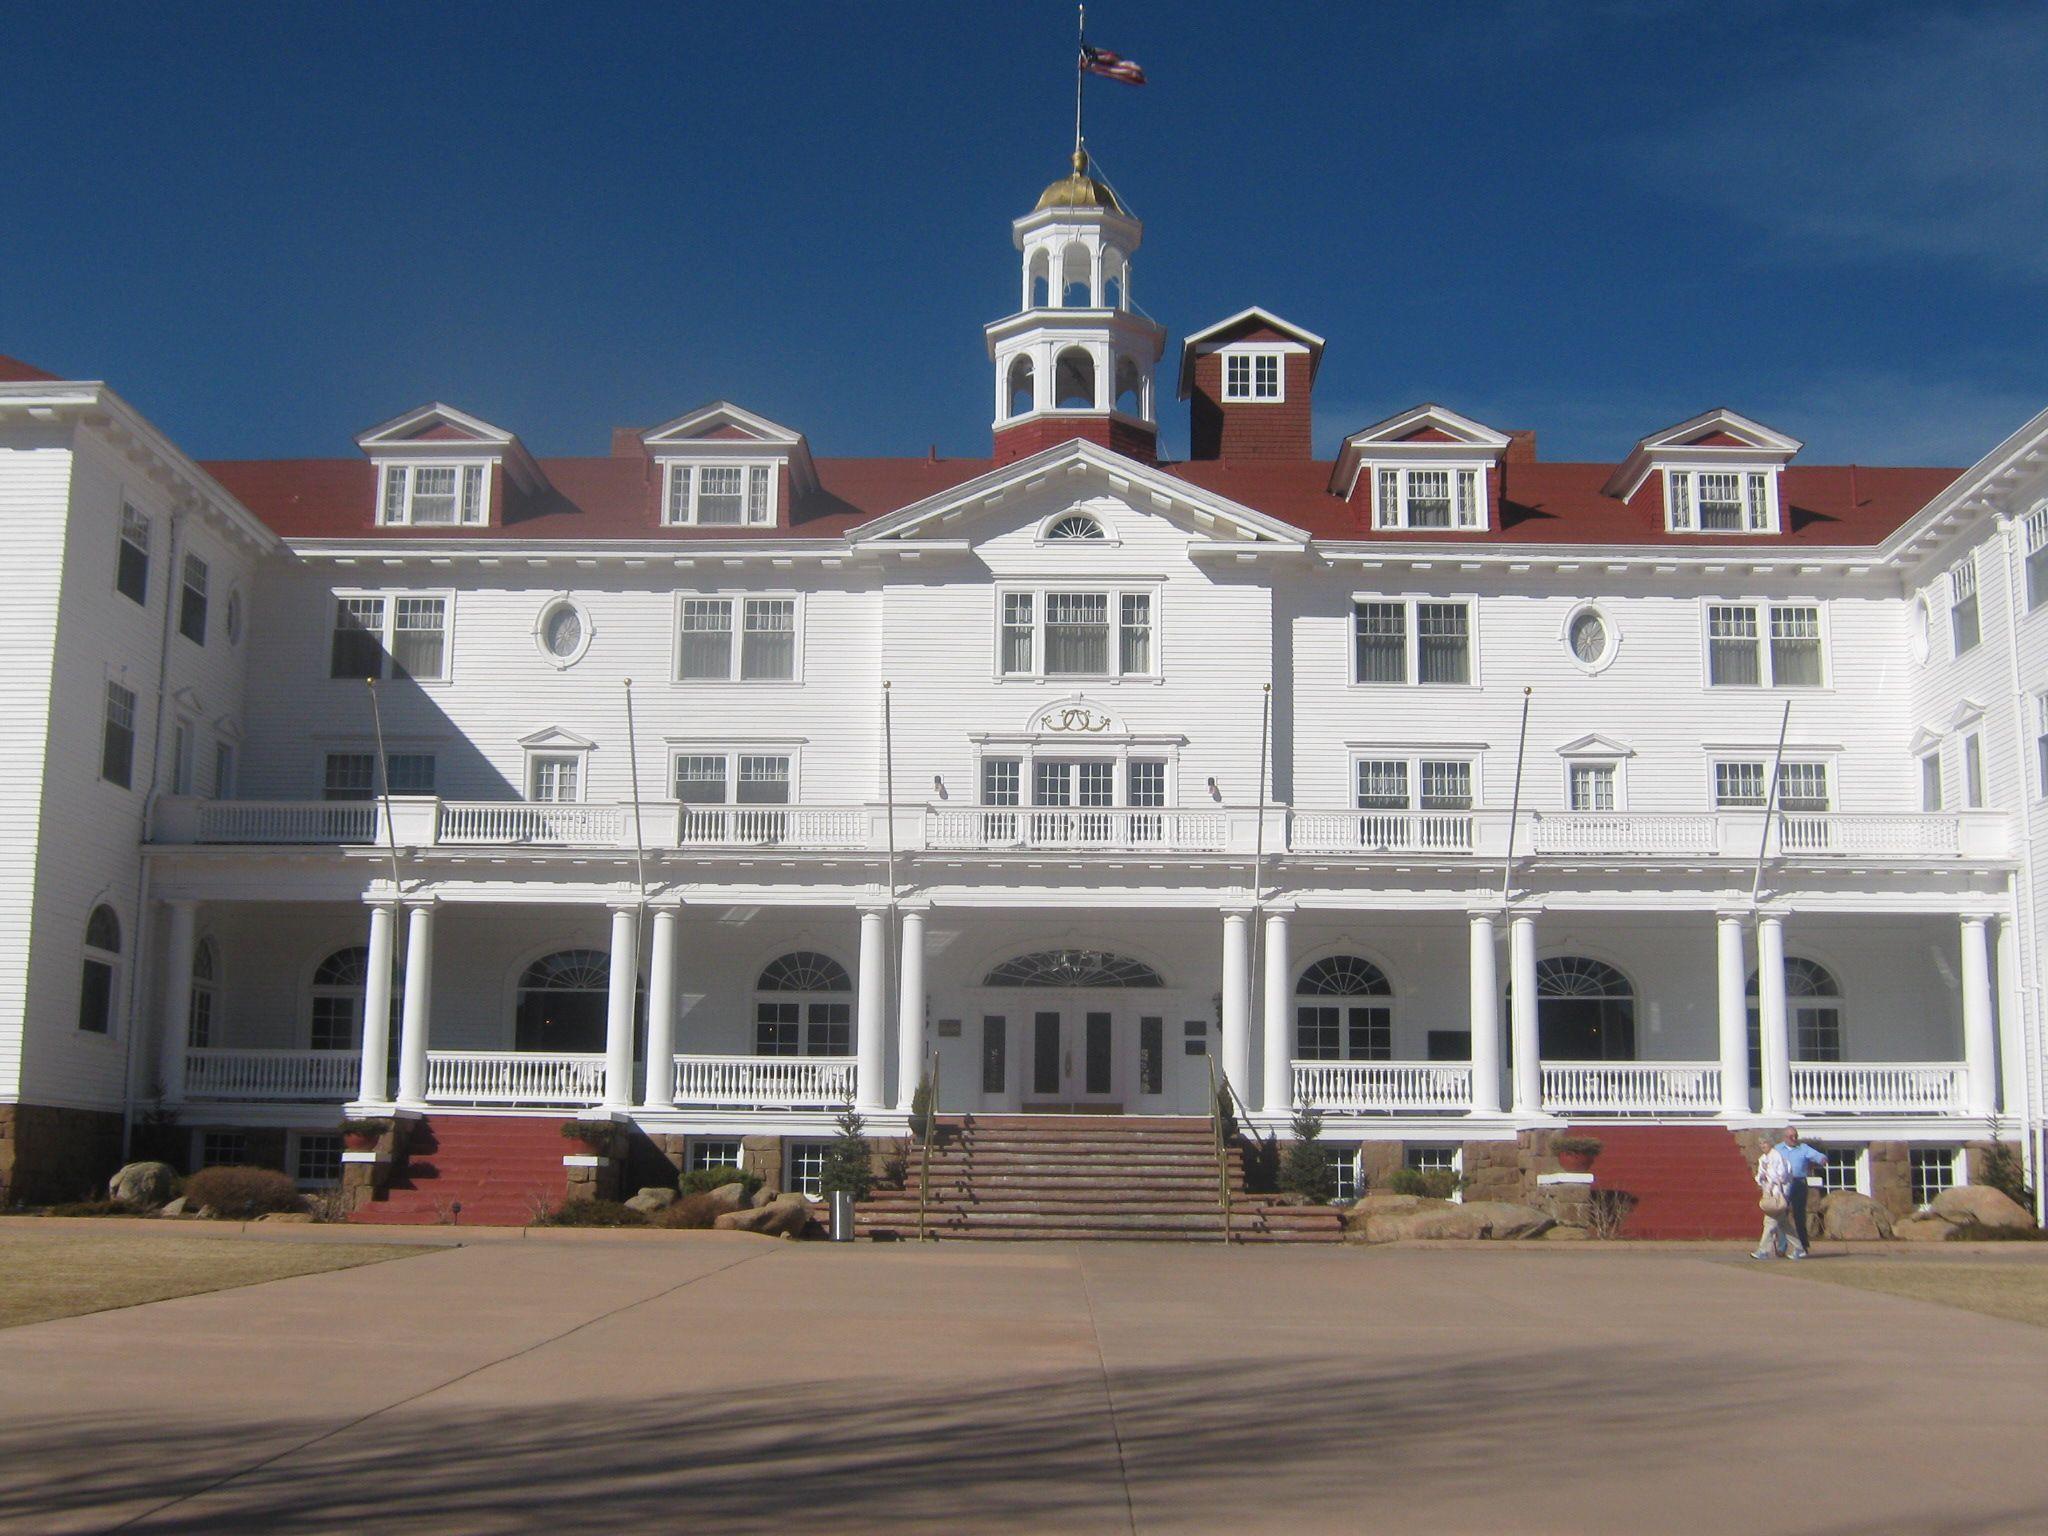 Hotel Used In Shining. Esties Park Colorado